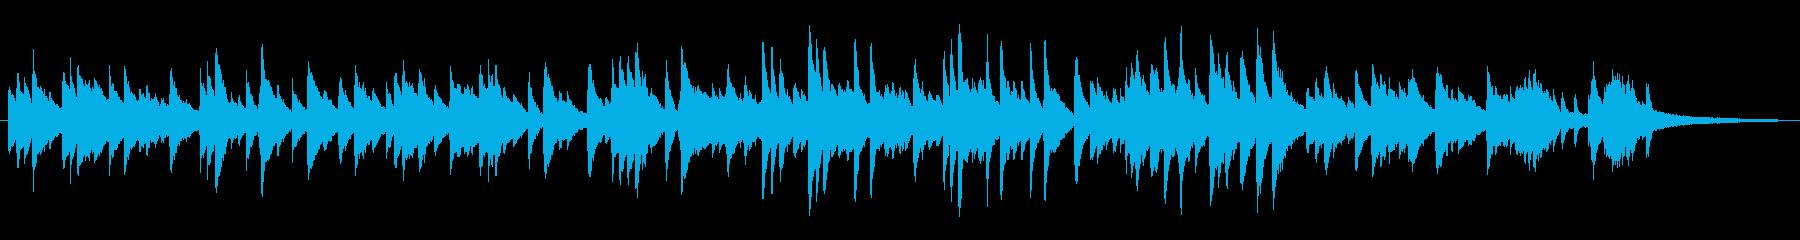 ソフトなジャズラウンジ風ピアノソロの再生済みの波形